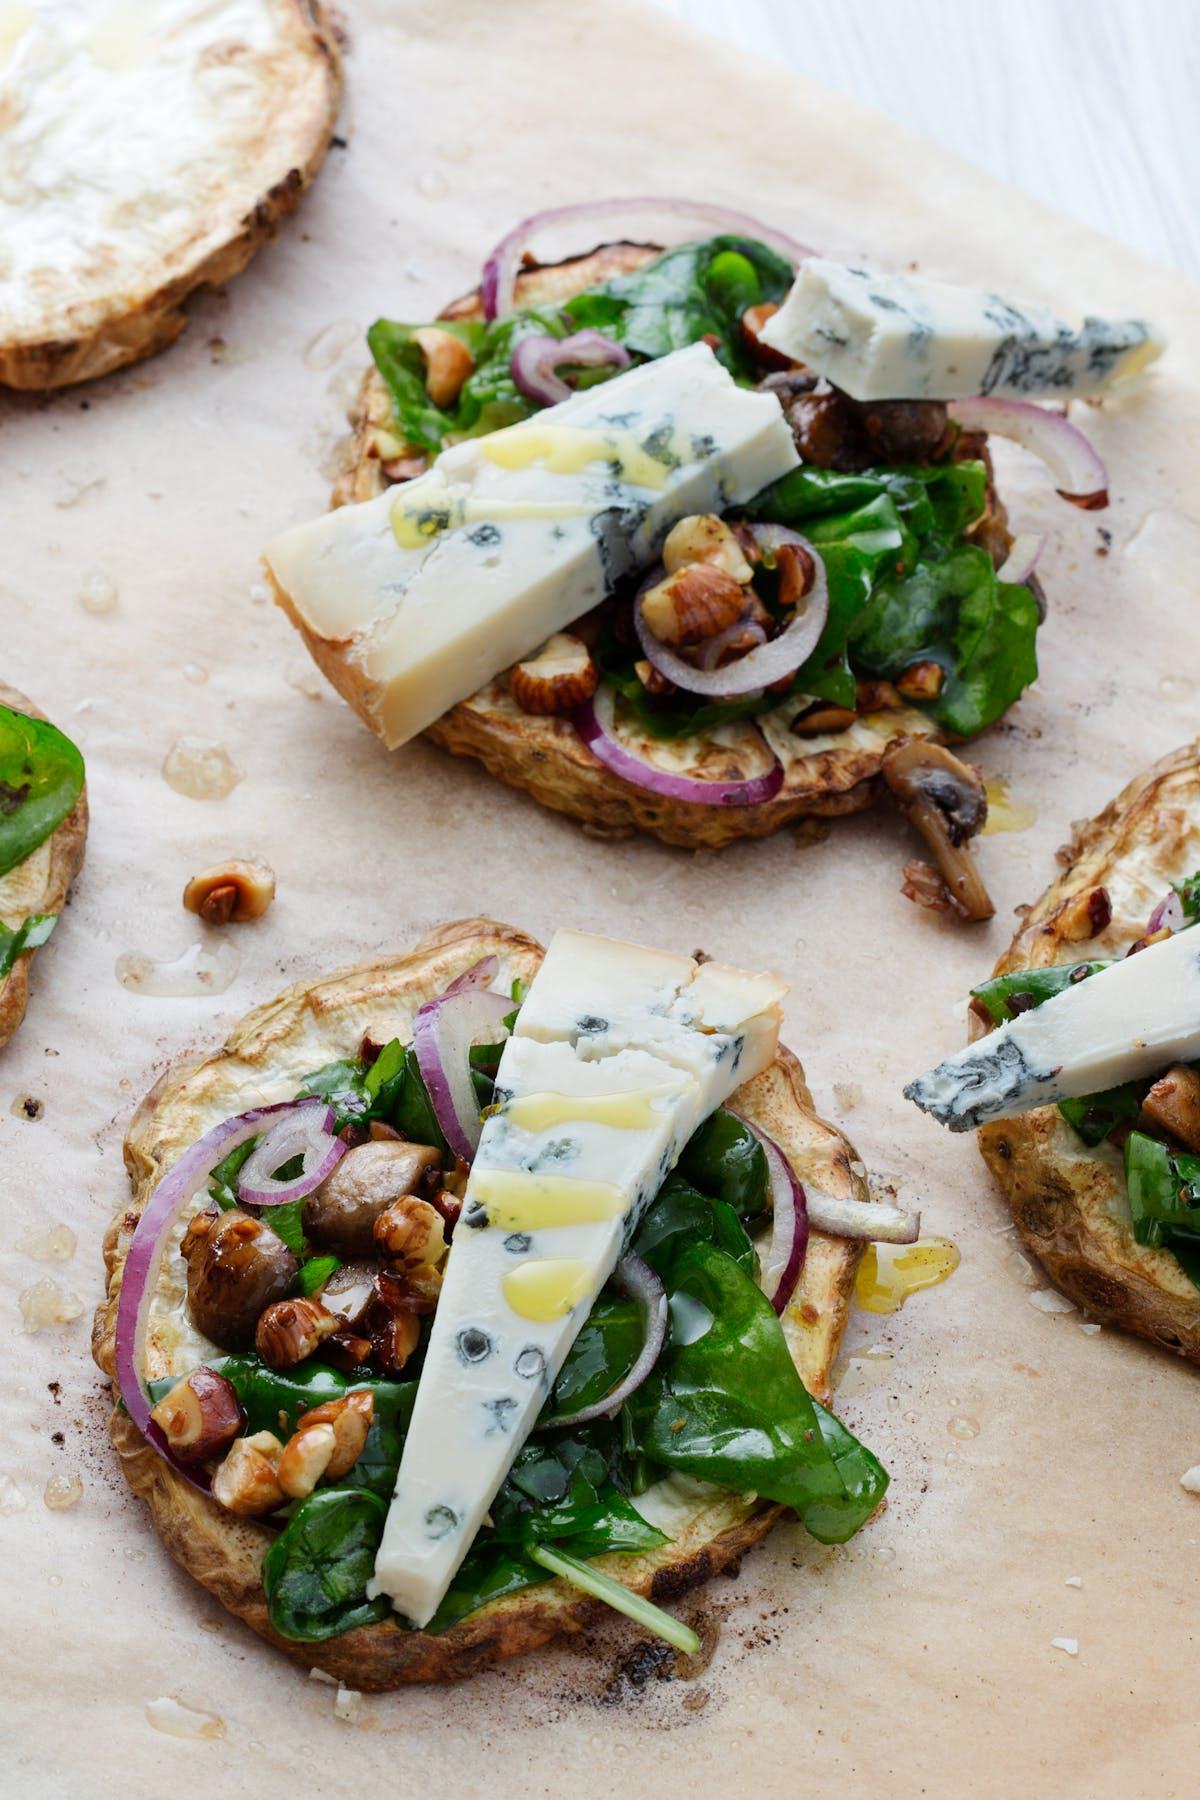 Raíz de apio al horno con gorgonzola low carb